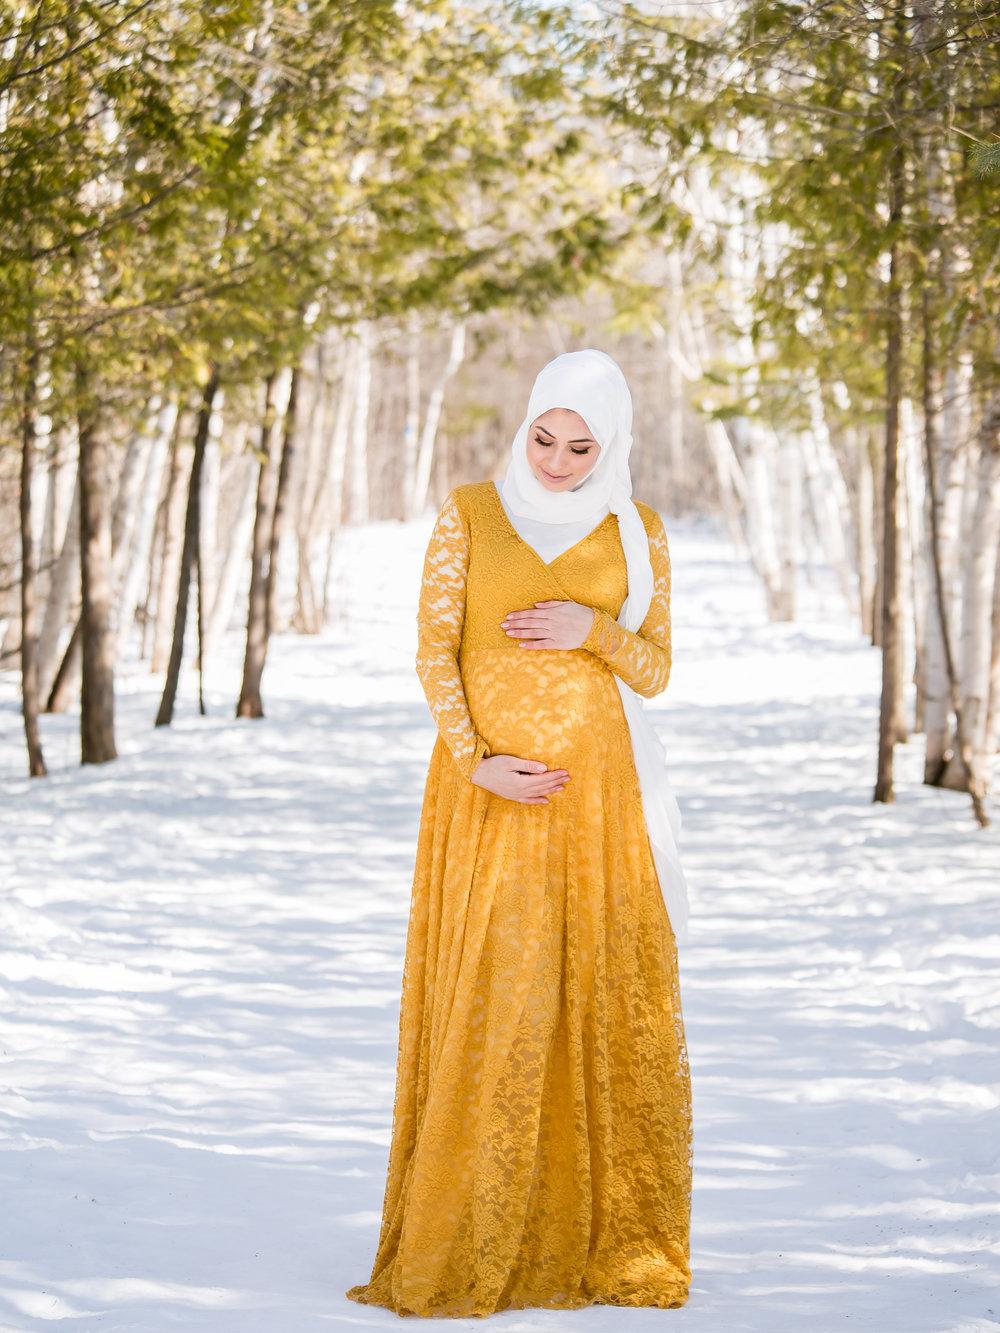 Hanan-Tehaili-Maternity -17.jpg